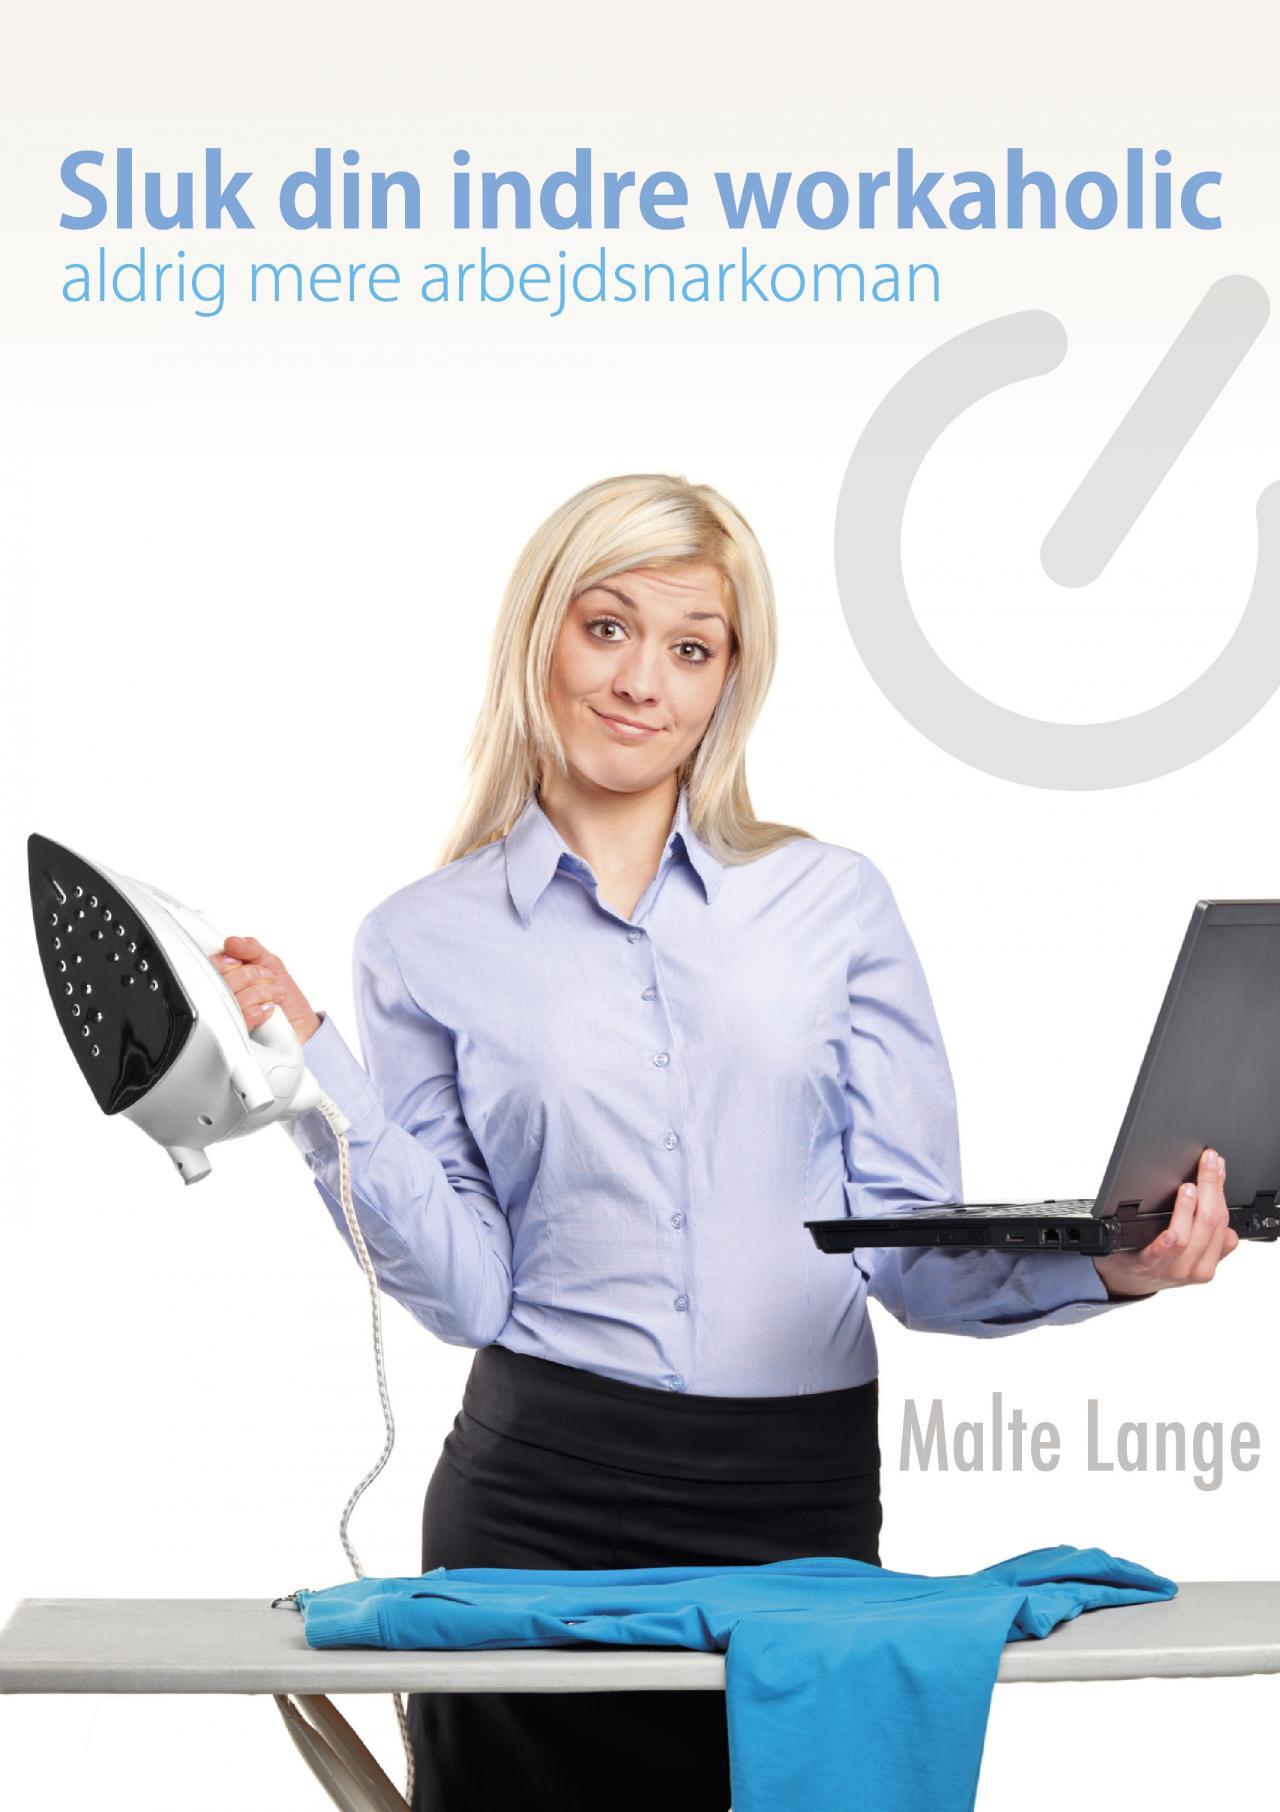 Sluk din indre workaholic - aldrig mere arbejdsnarkoman